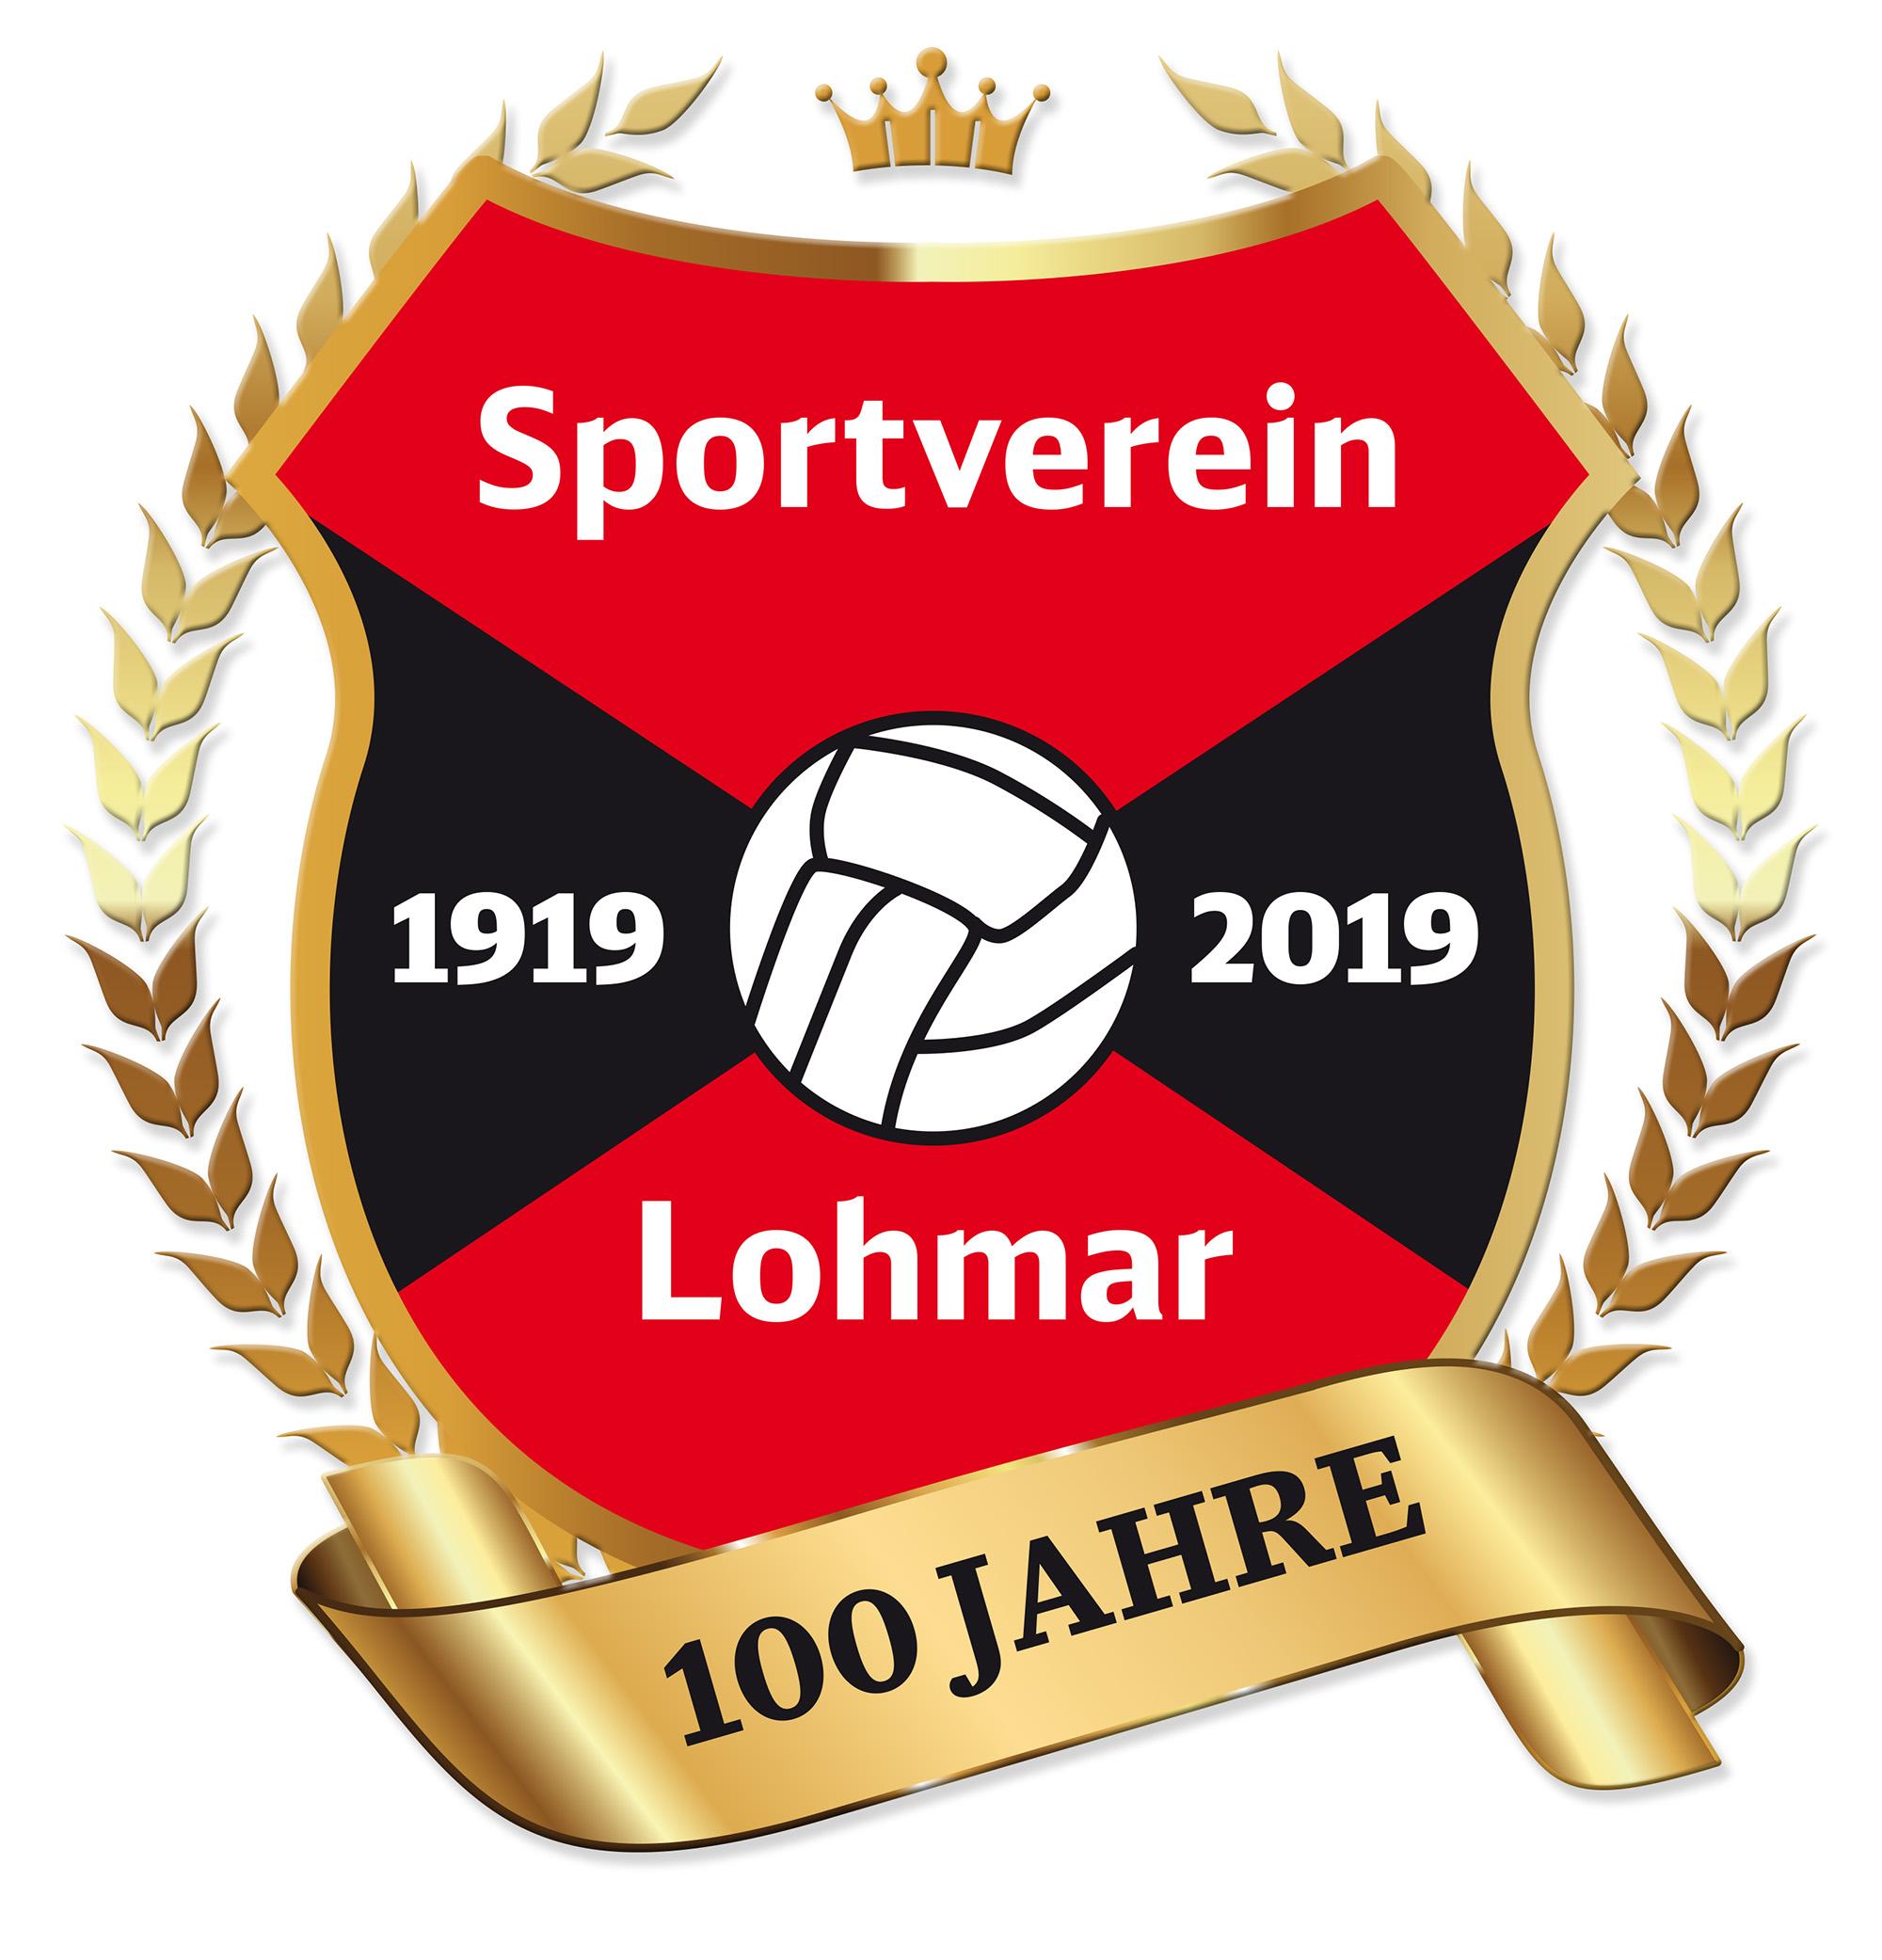 SV Lohmar 100 Jahre